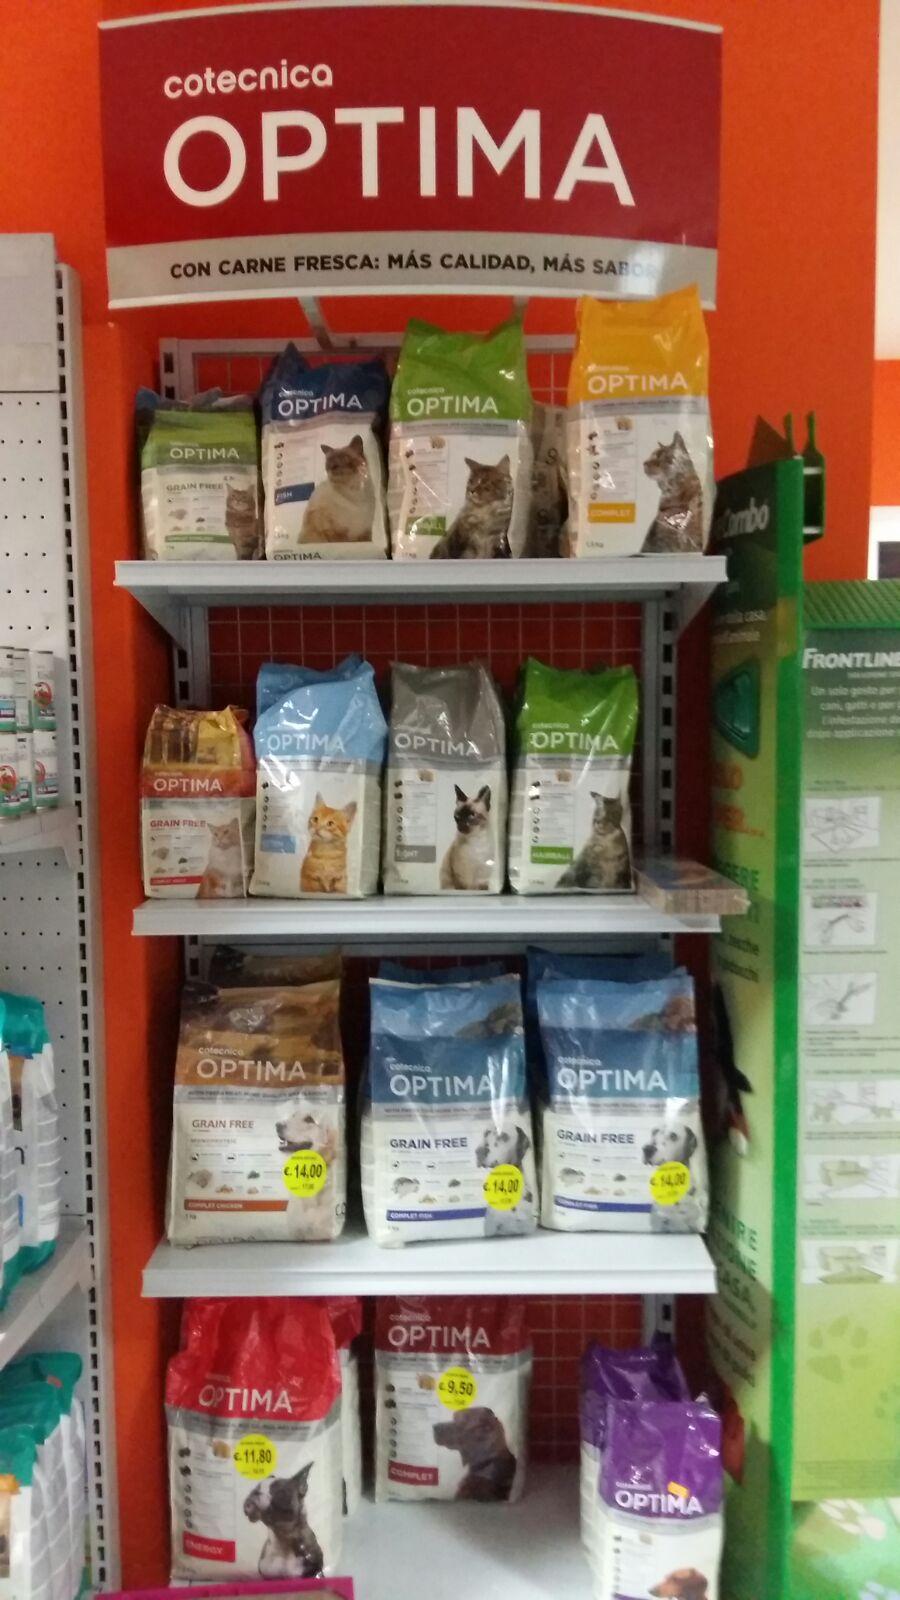 Uno stand con scritto Optima e delle mensole con mangime per cani e gatti